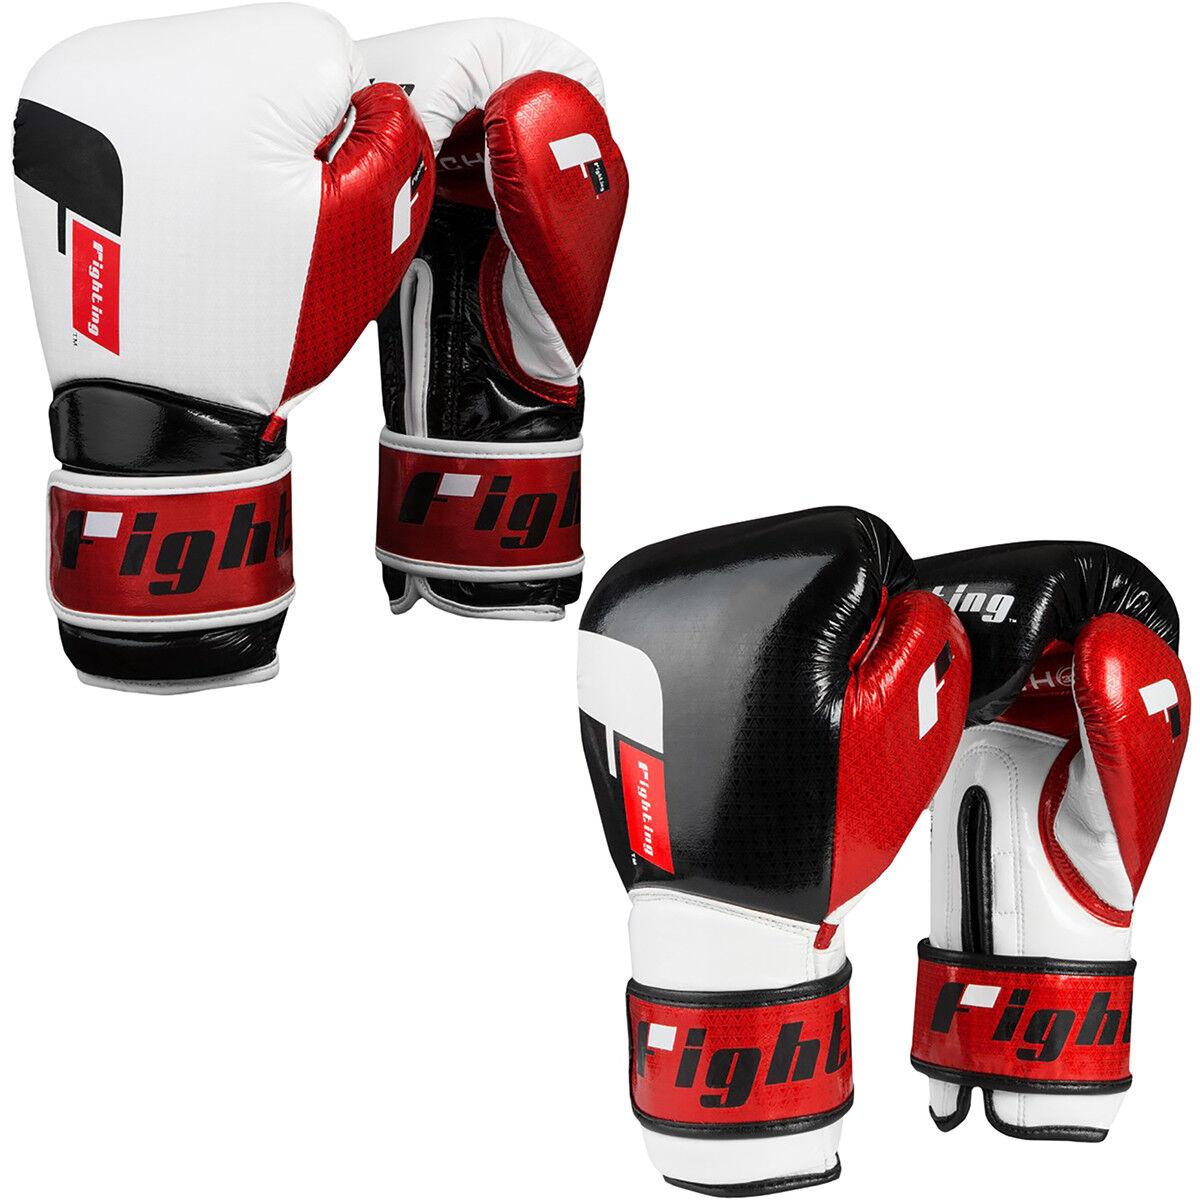 Triple técnica de artes marciales, gancho de gancho, guantes de entrenamiento.